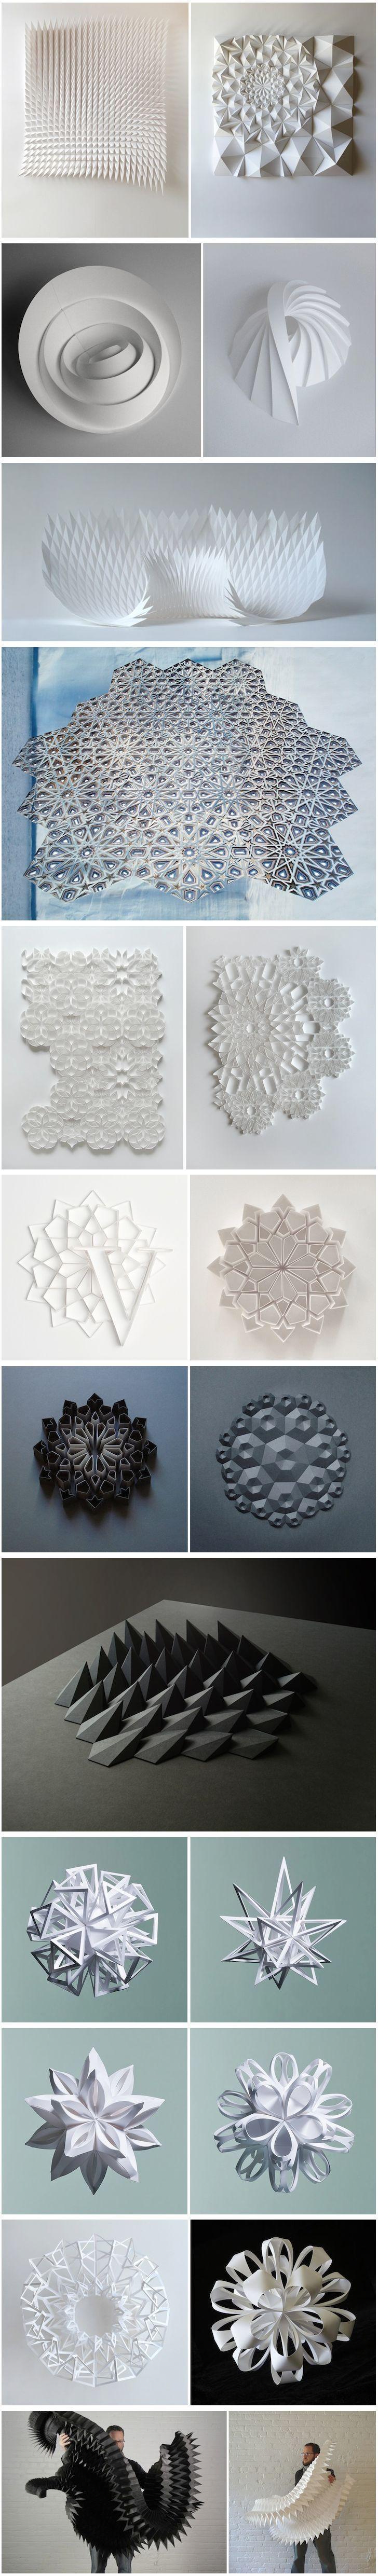 Geometric Paper Sculptures by Matt Shlian: